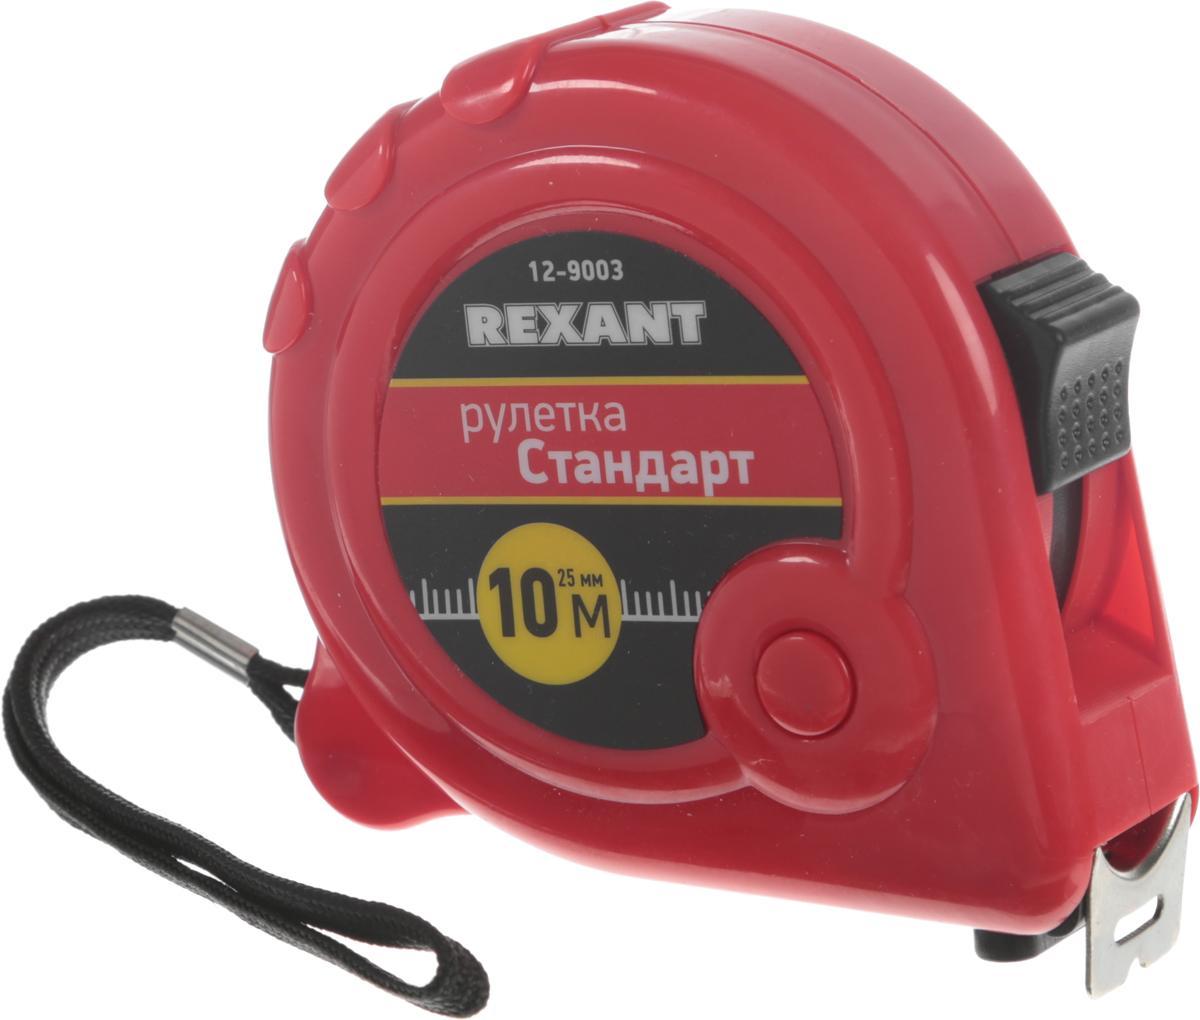 Рулетка Rexant